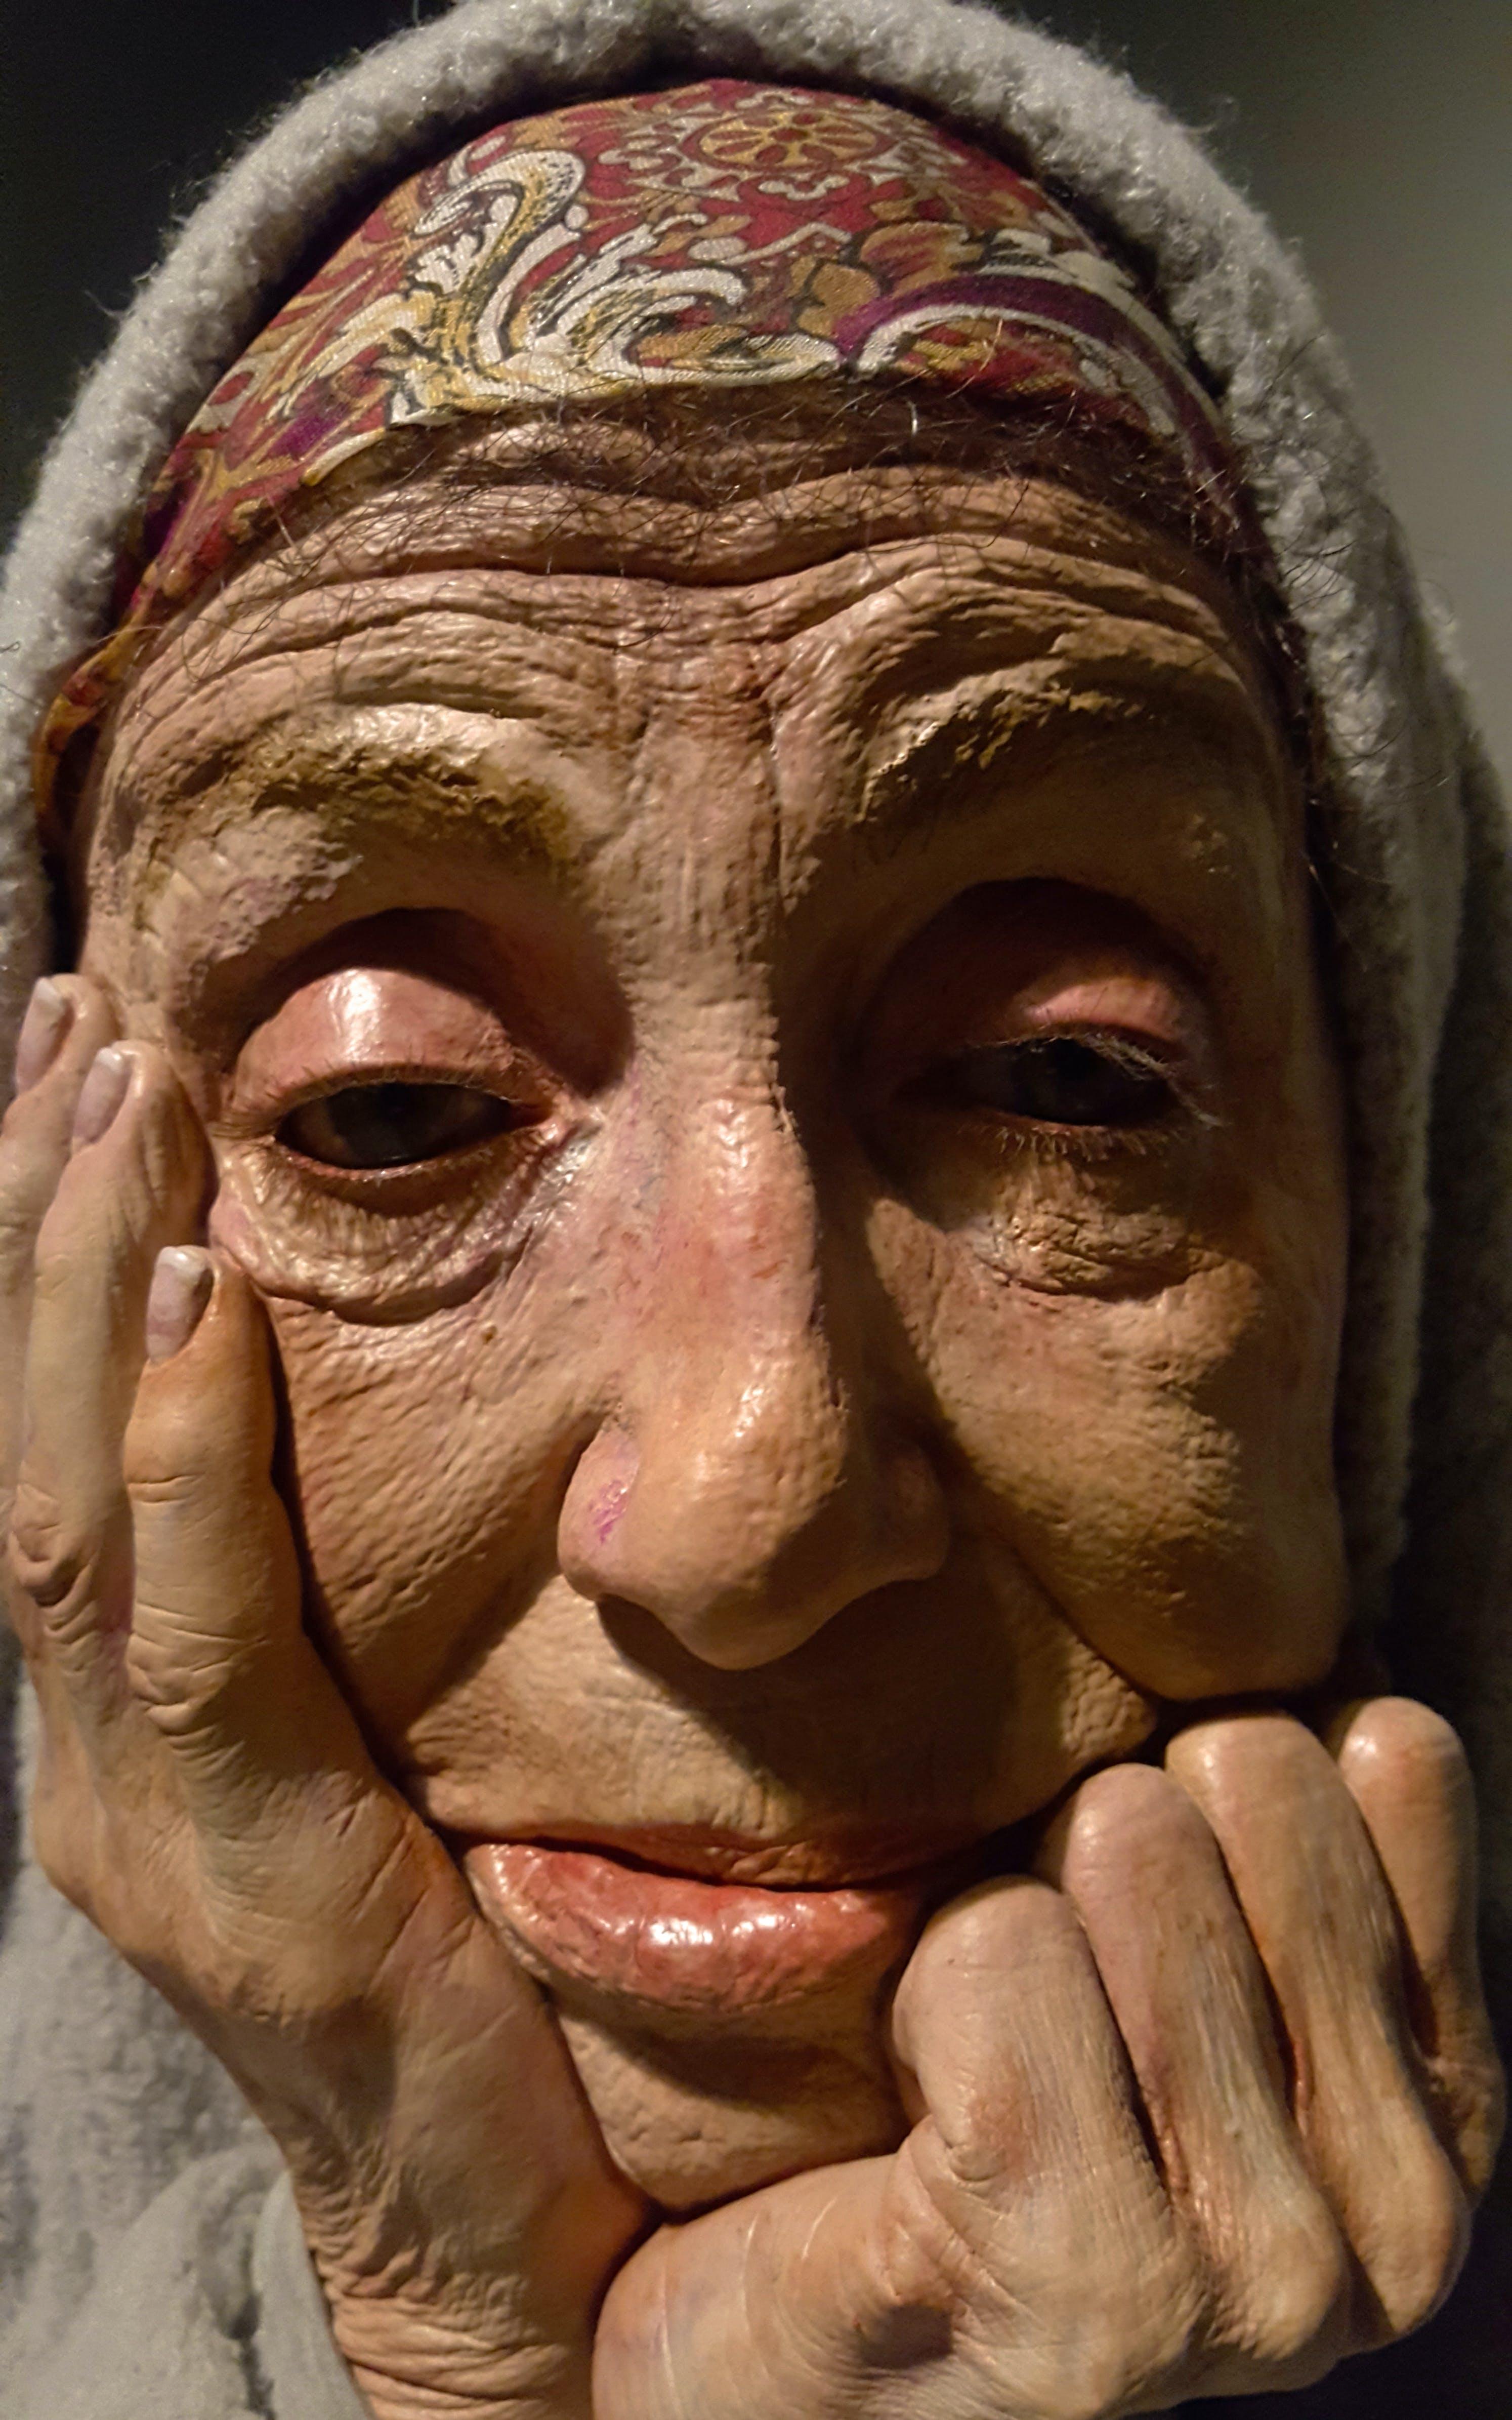 Gratis lagerfoto af bedstemor, detaljeret, død, ende